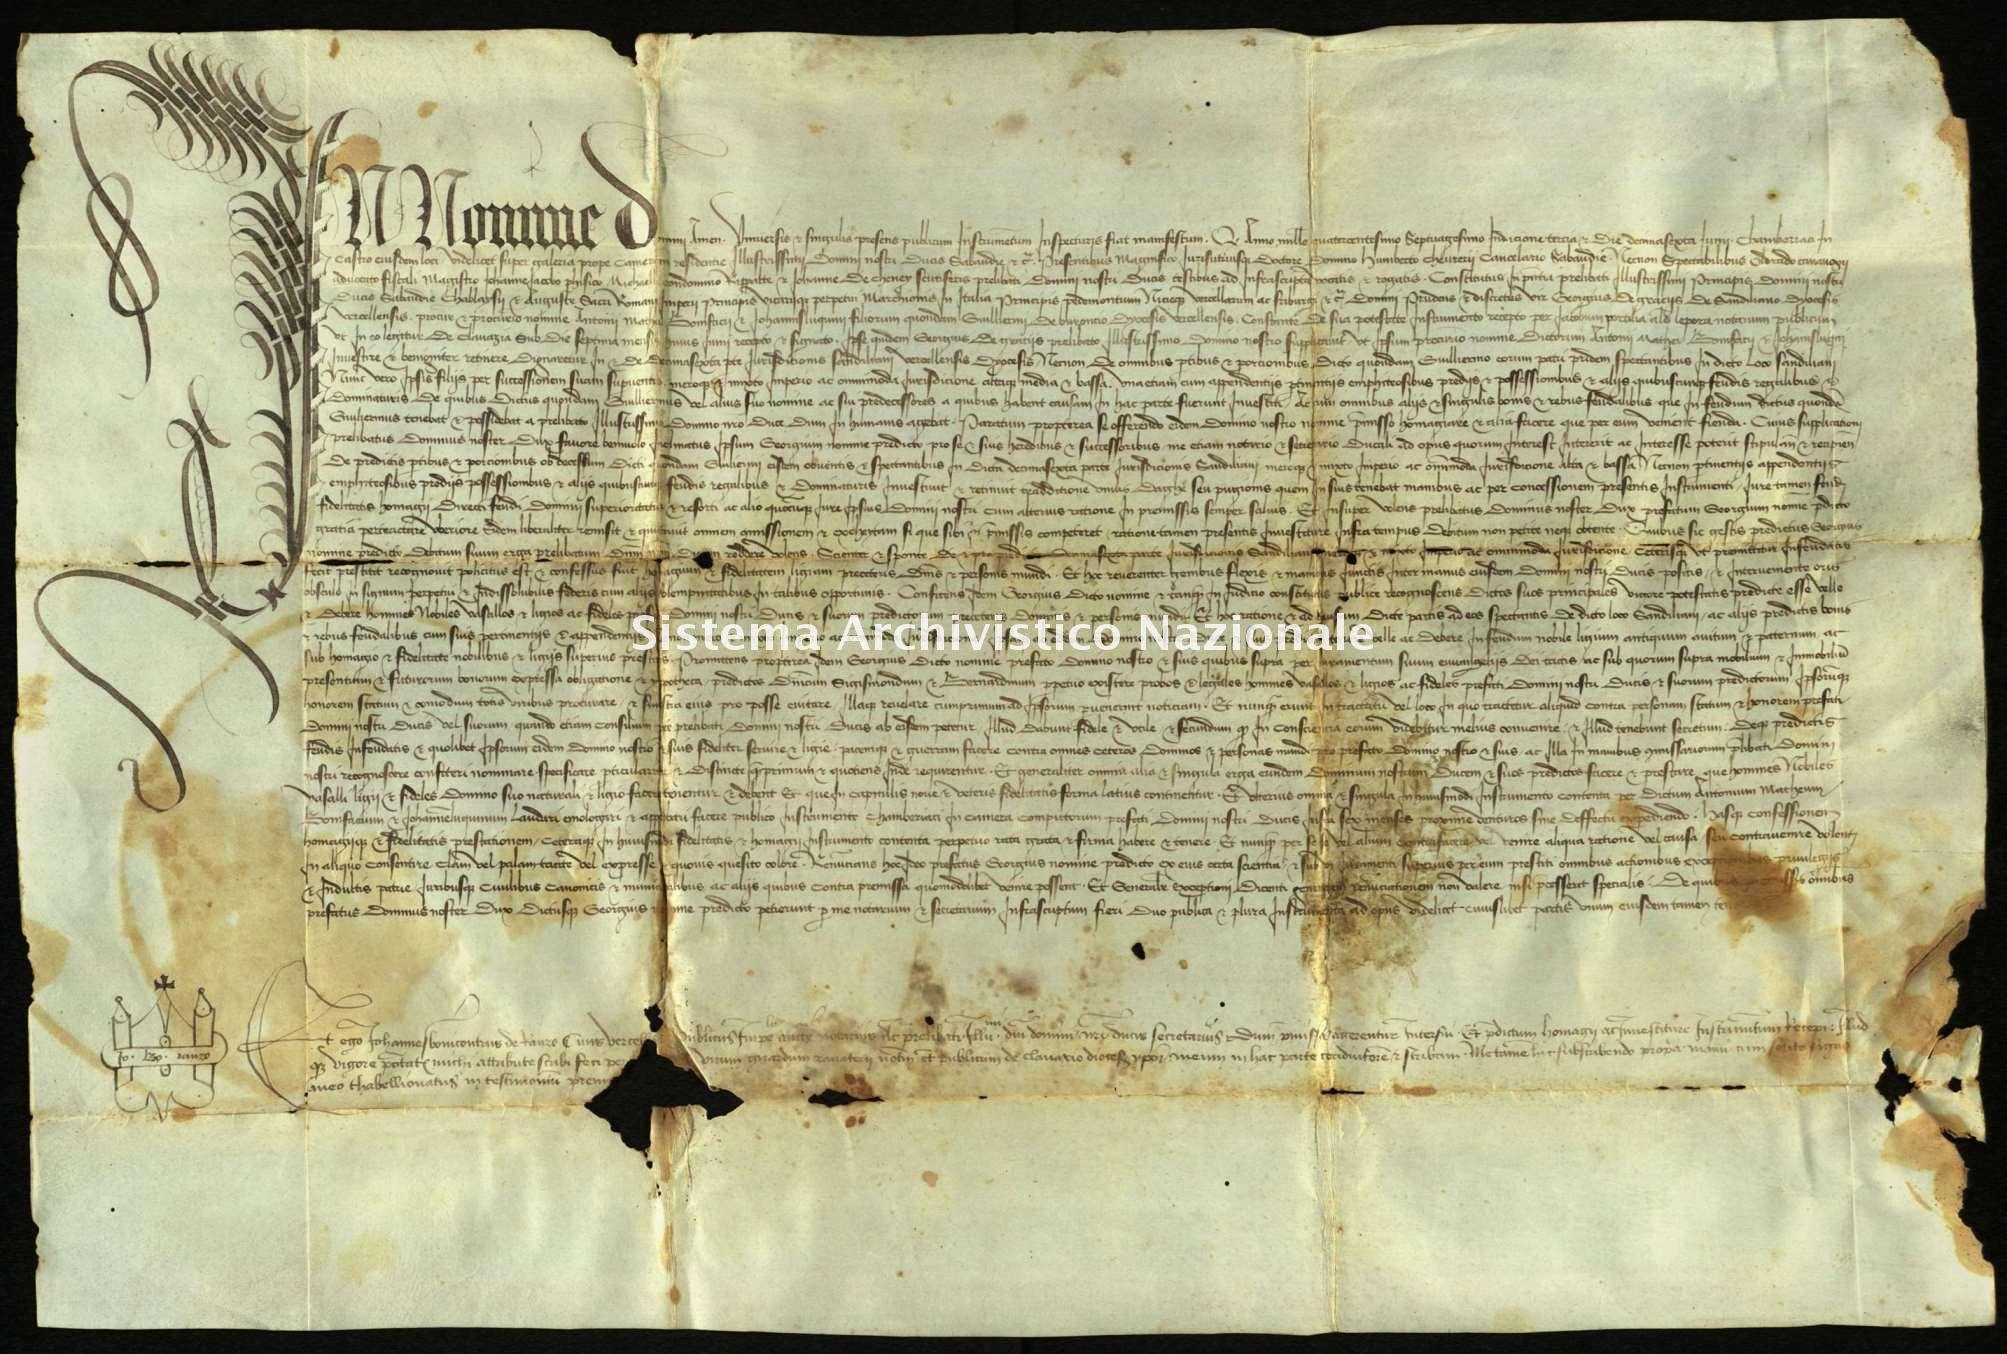 Archivio di Stato di Biella, Morra di Sandigliano, Pergamene, Chambery 16 giugno 1470